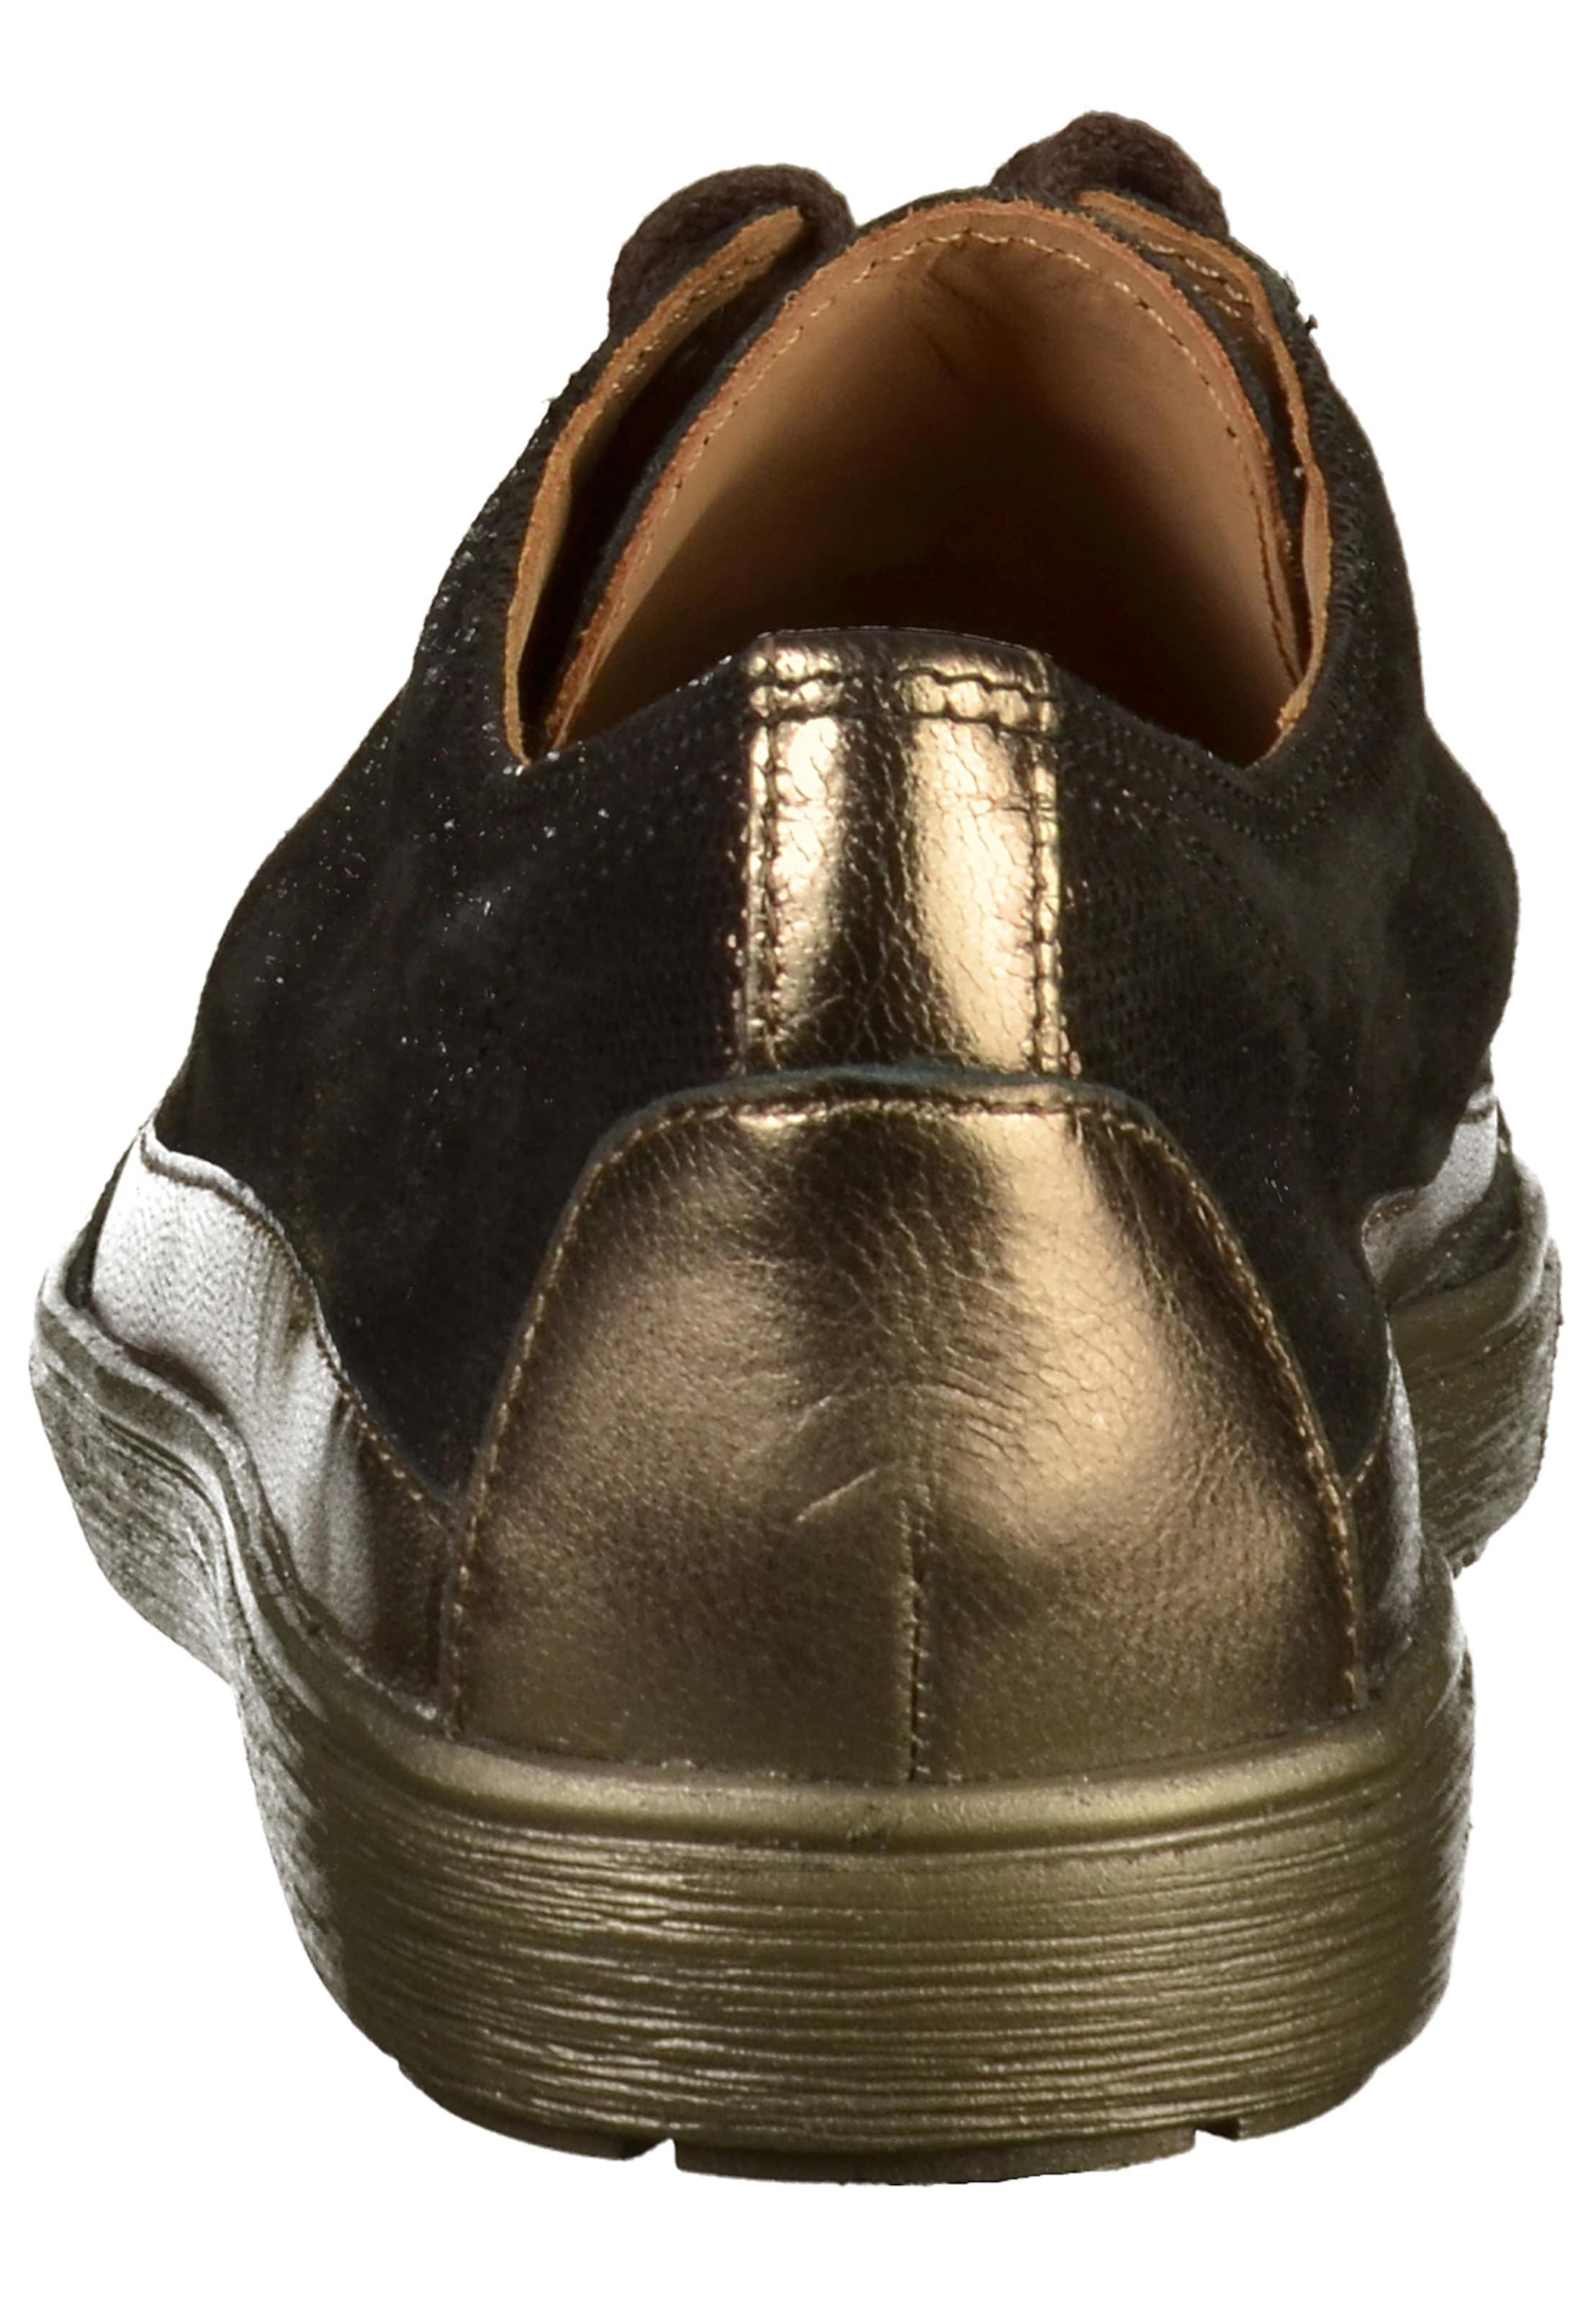 In Caprice Caprice Sneaker KastanienbraunPueblo Sneaker lTcu3FJK1